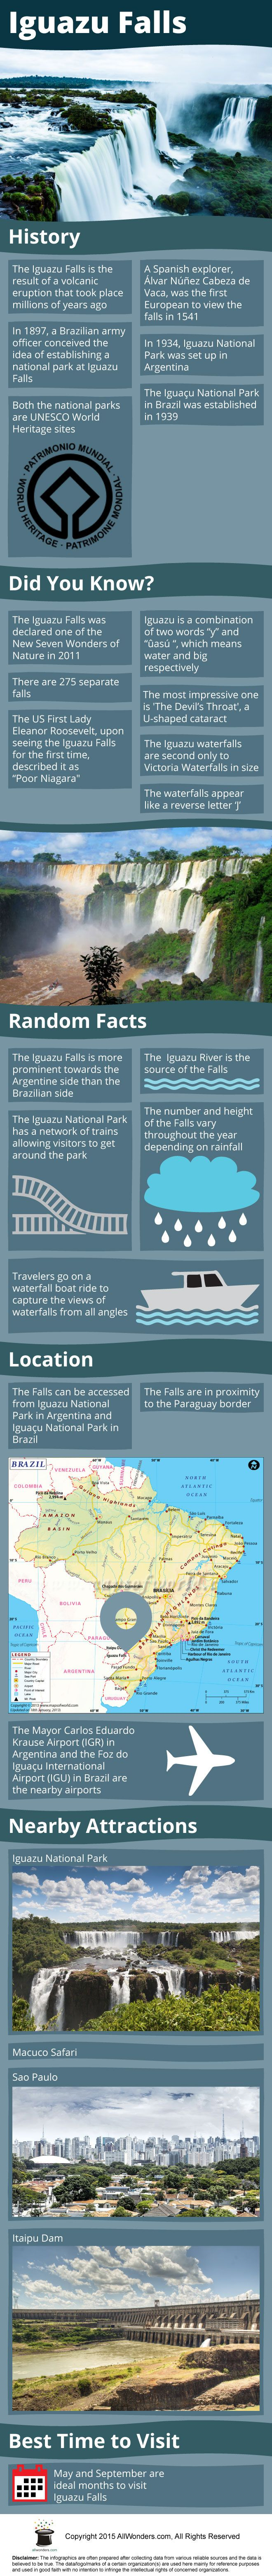 Iguazu Falls Infographic